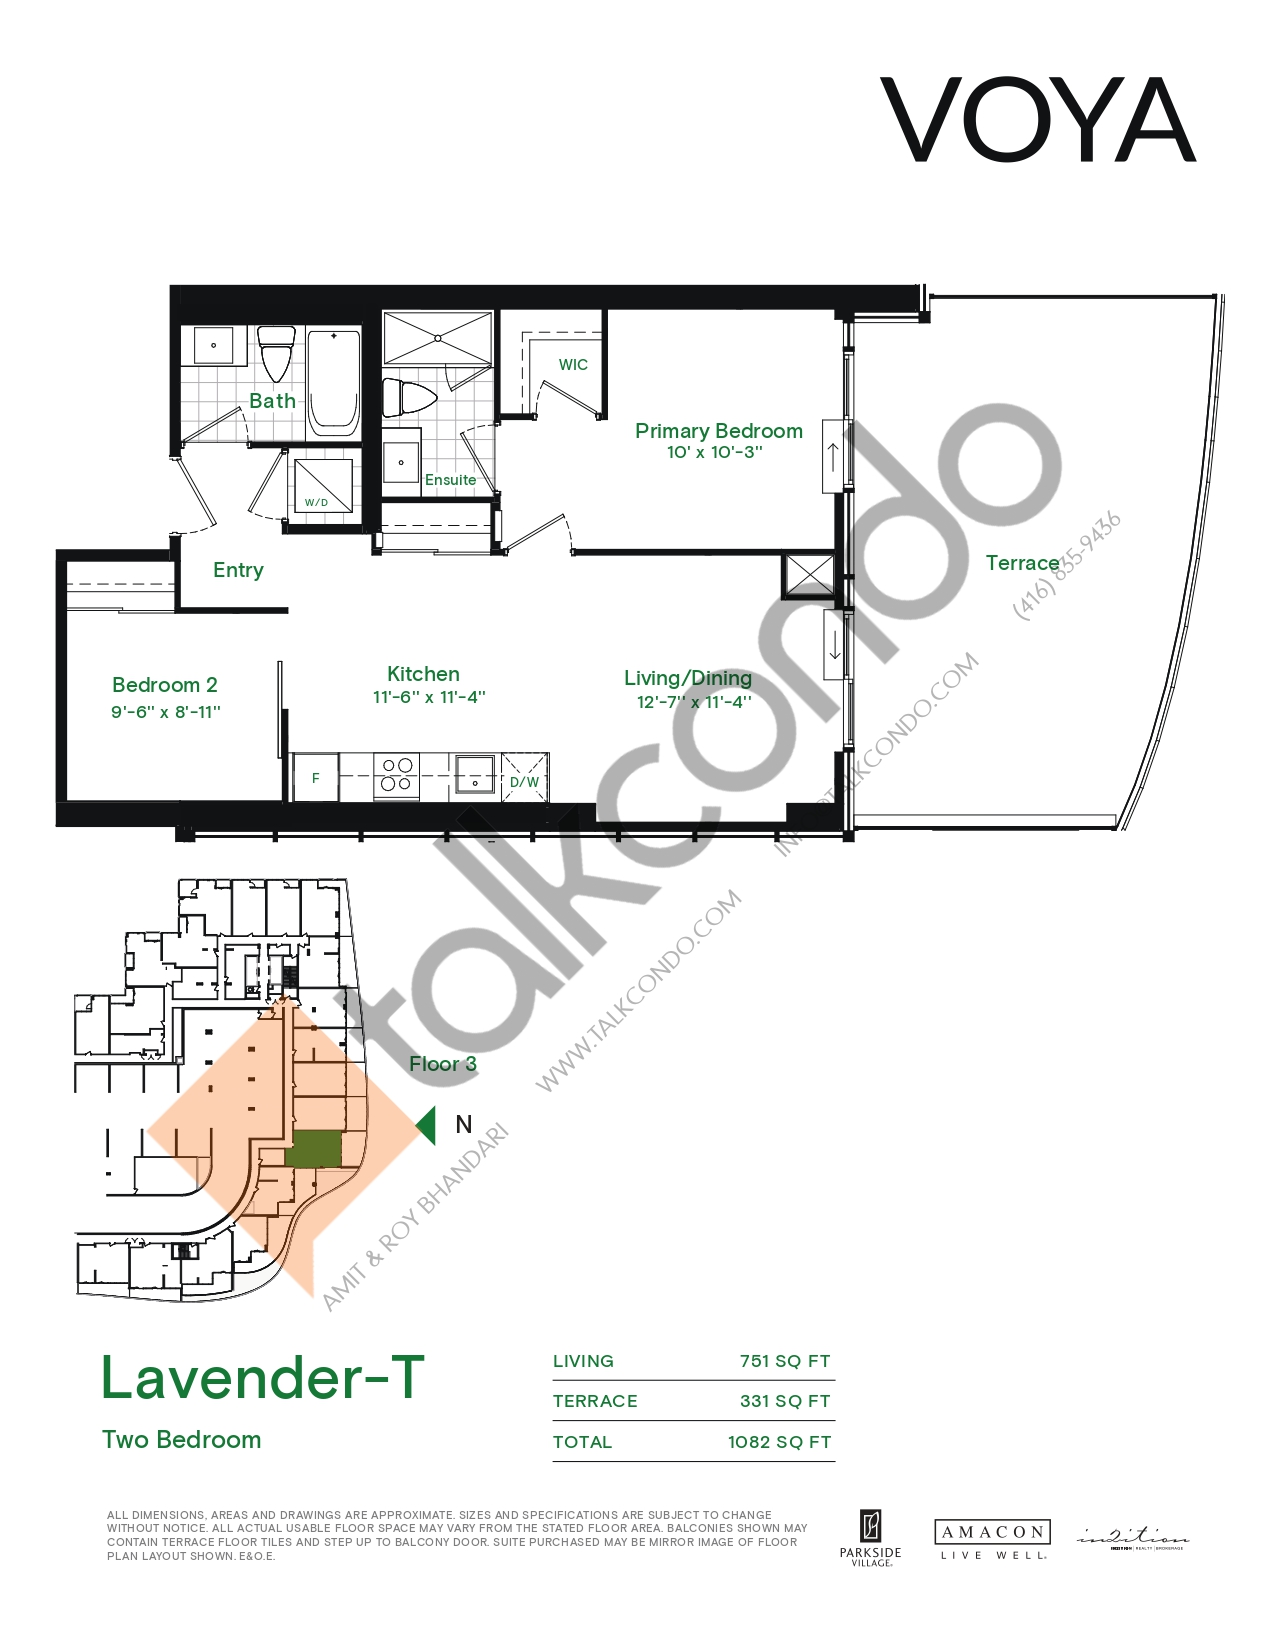 Lavender-T (Podium) Floor Plan at Voya at Parkside Village Condos - 751 sq.ft